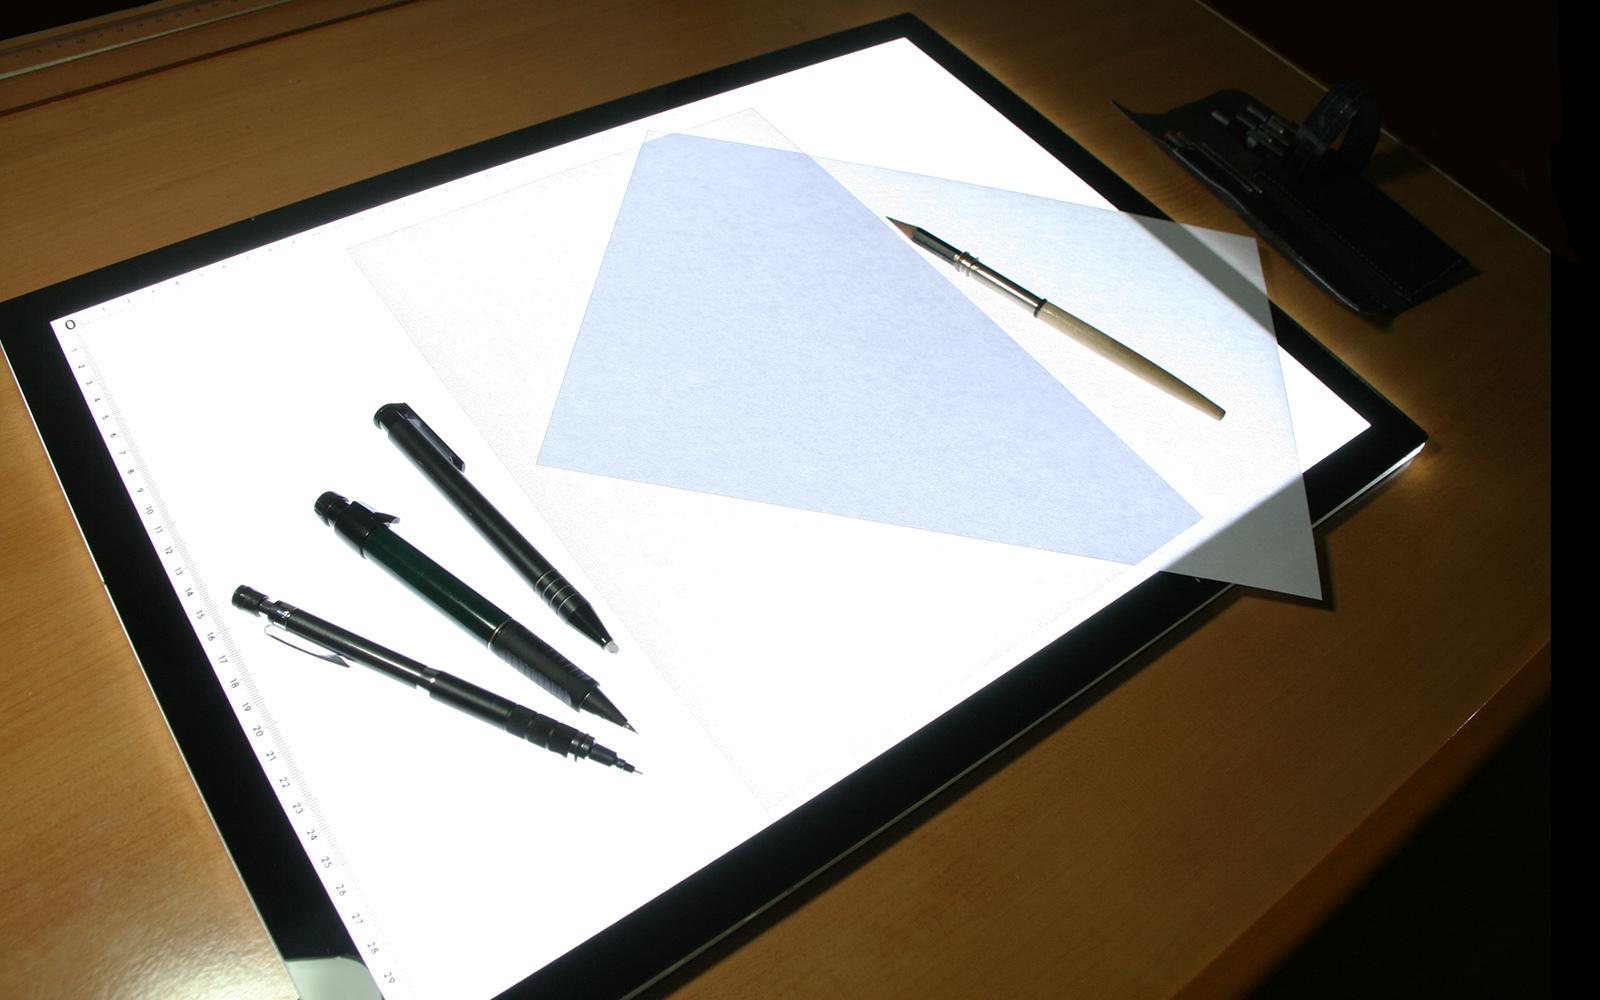 Mesa de luz trapa a for Mesa de luz para dibujo